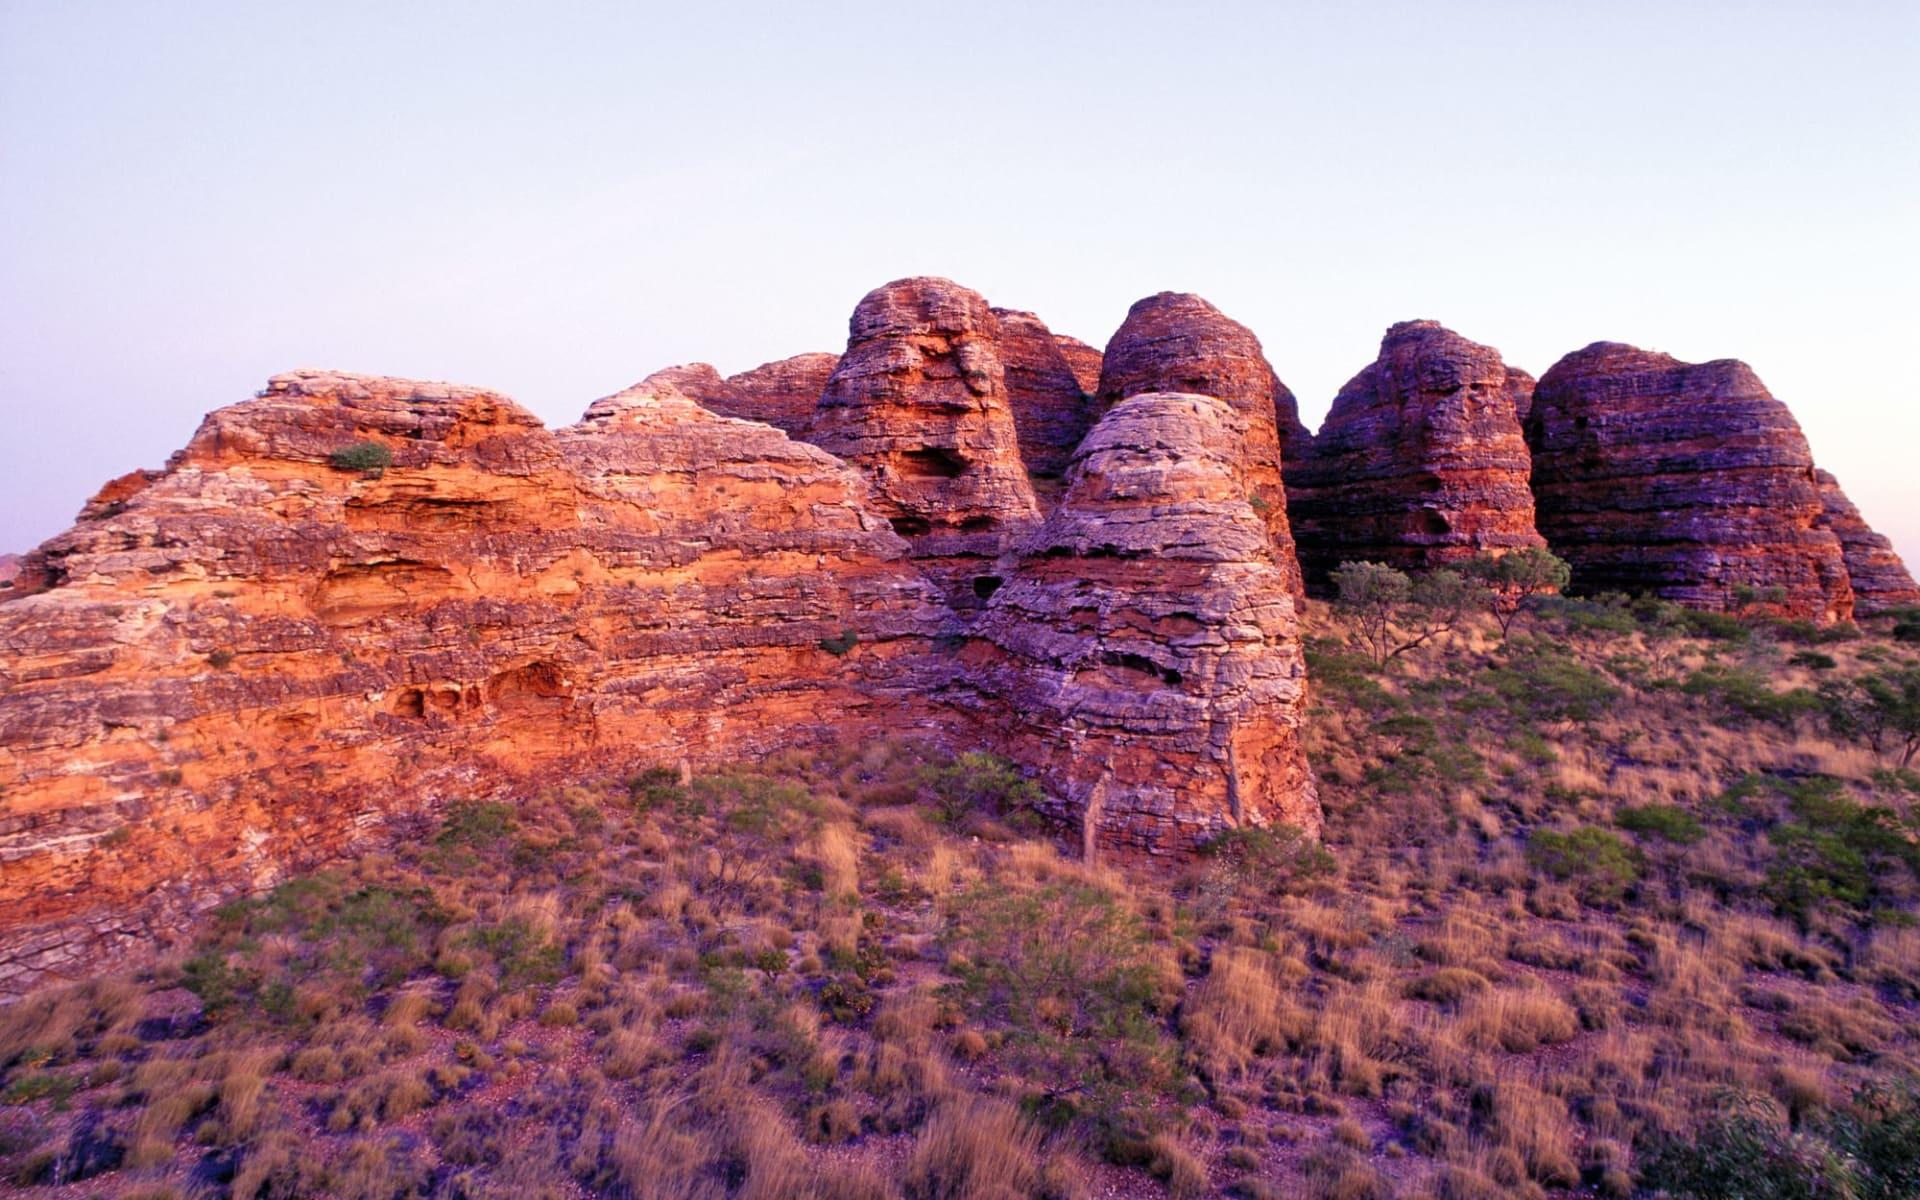 Kata Tjuta, Uluru & Kings Canyon (AAT Kings) ab Alice Springs: Kata Tjuta - Felsdome